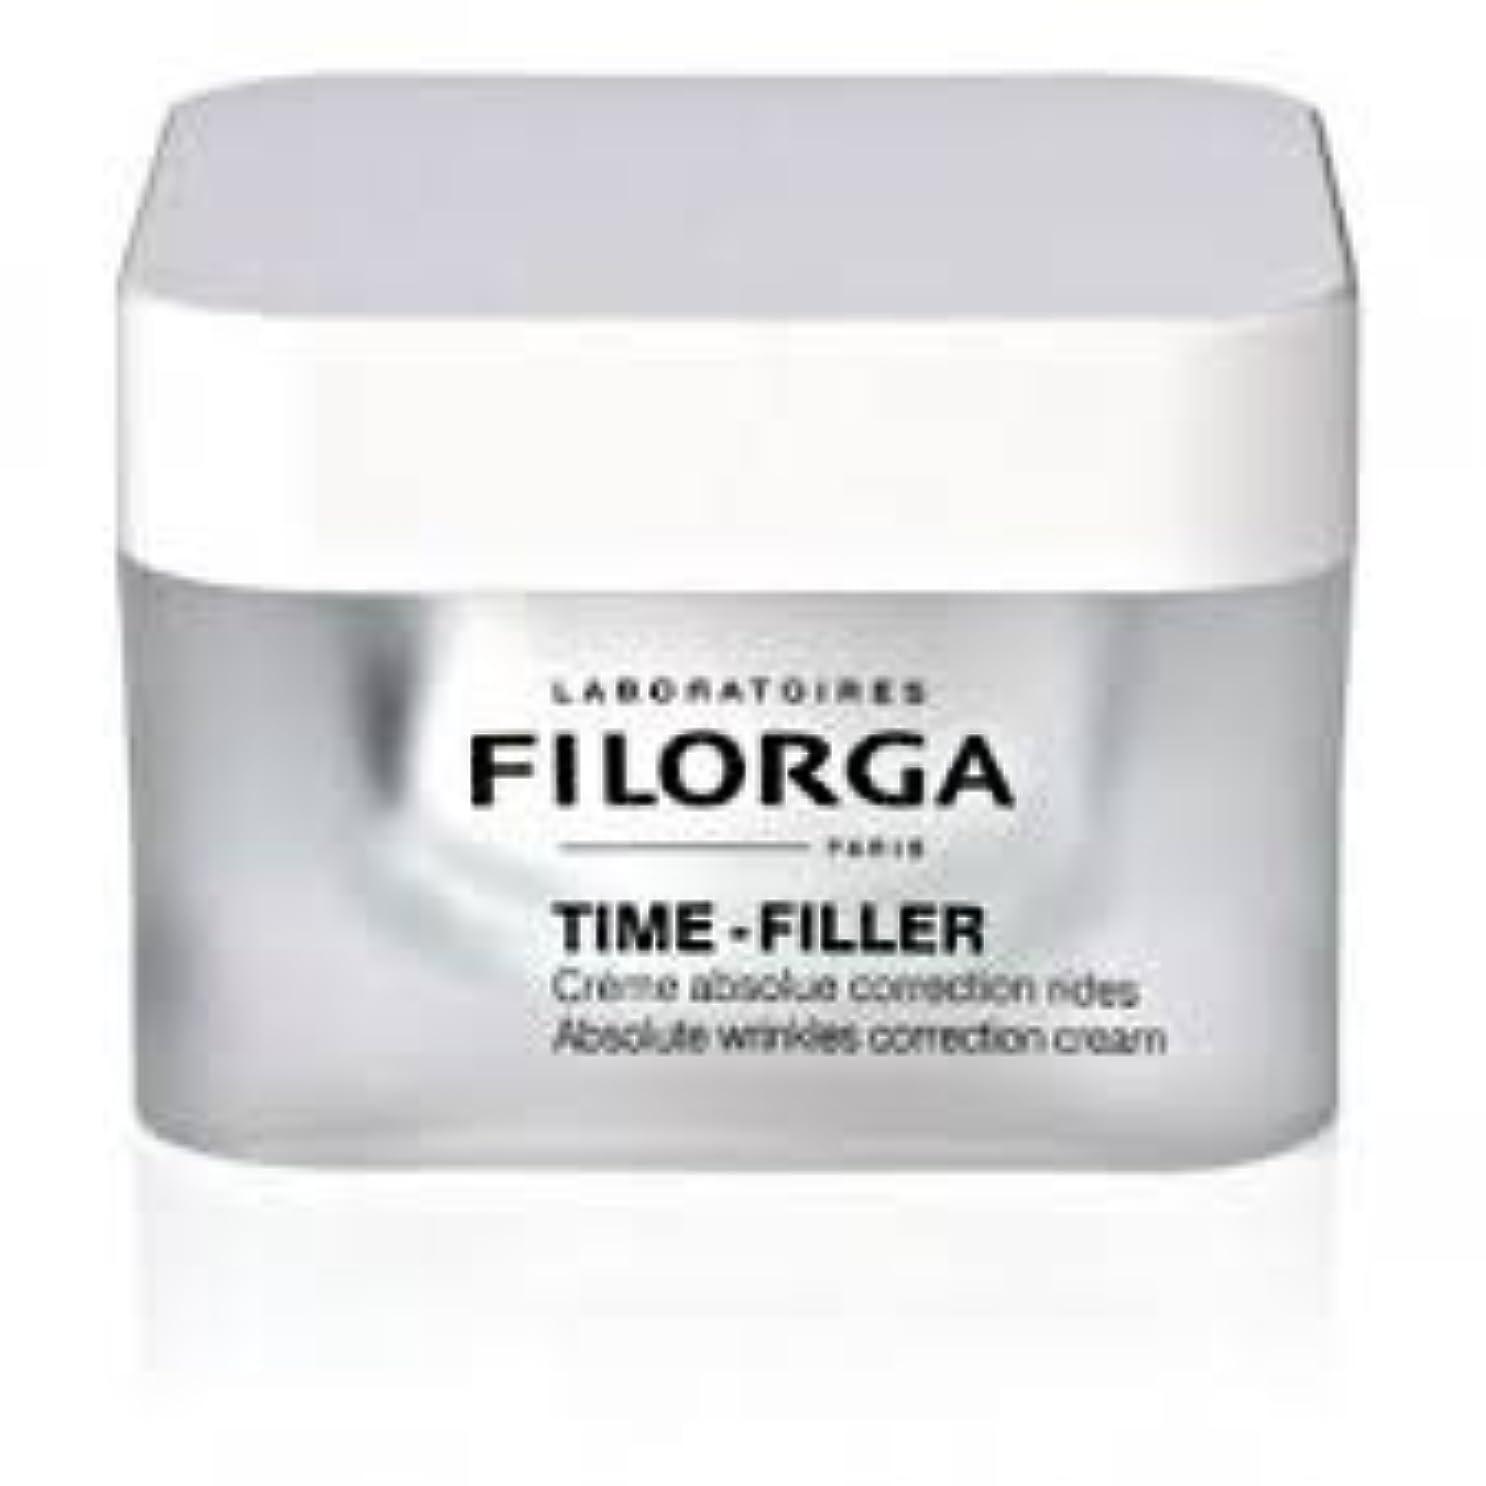 耐えられる月曜分割フィロルガ[FILORGA]タイム フィラー 50ML TIME FILLER 50ML [海外直送品] [並行輸入品]